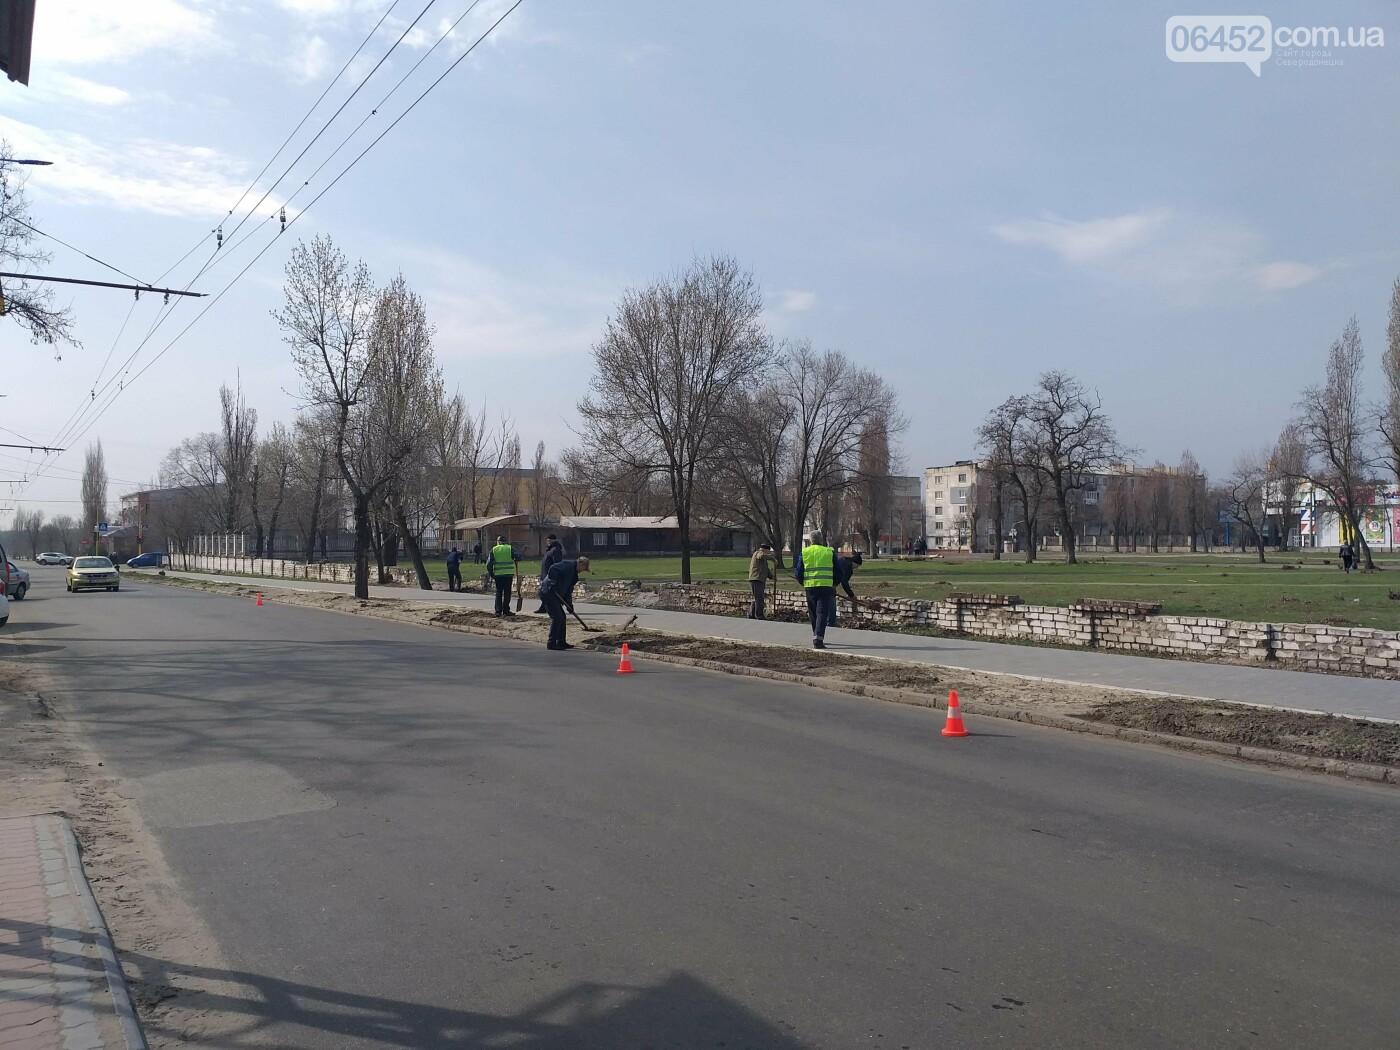 «Зеленая весна» в Северодонецке. Как благоустраивают город после зимы (фото), фото-10